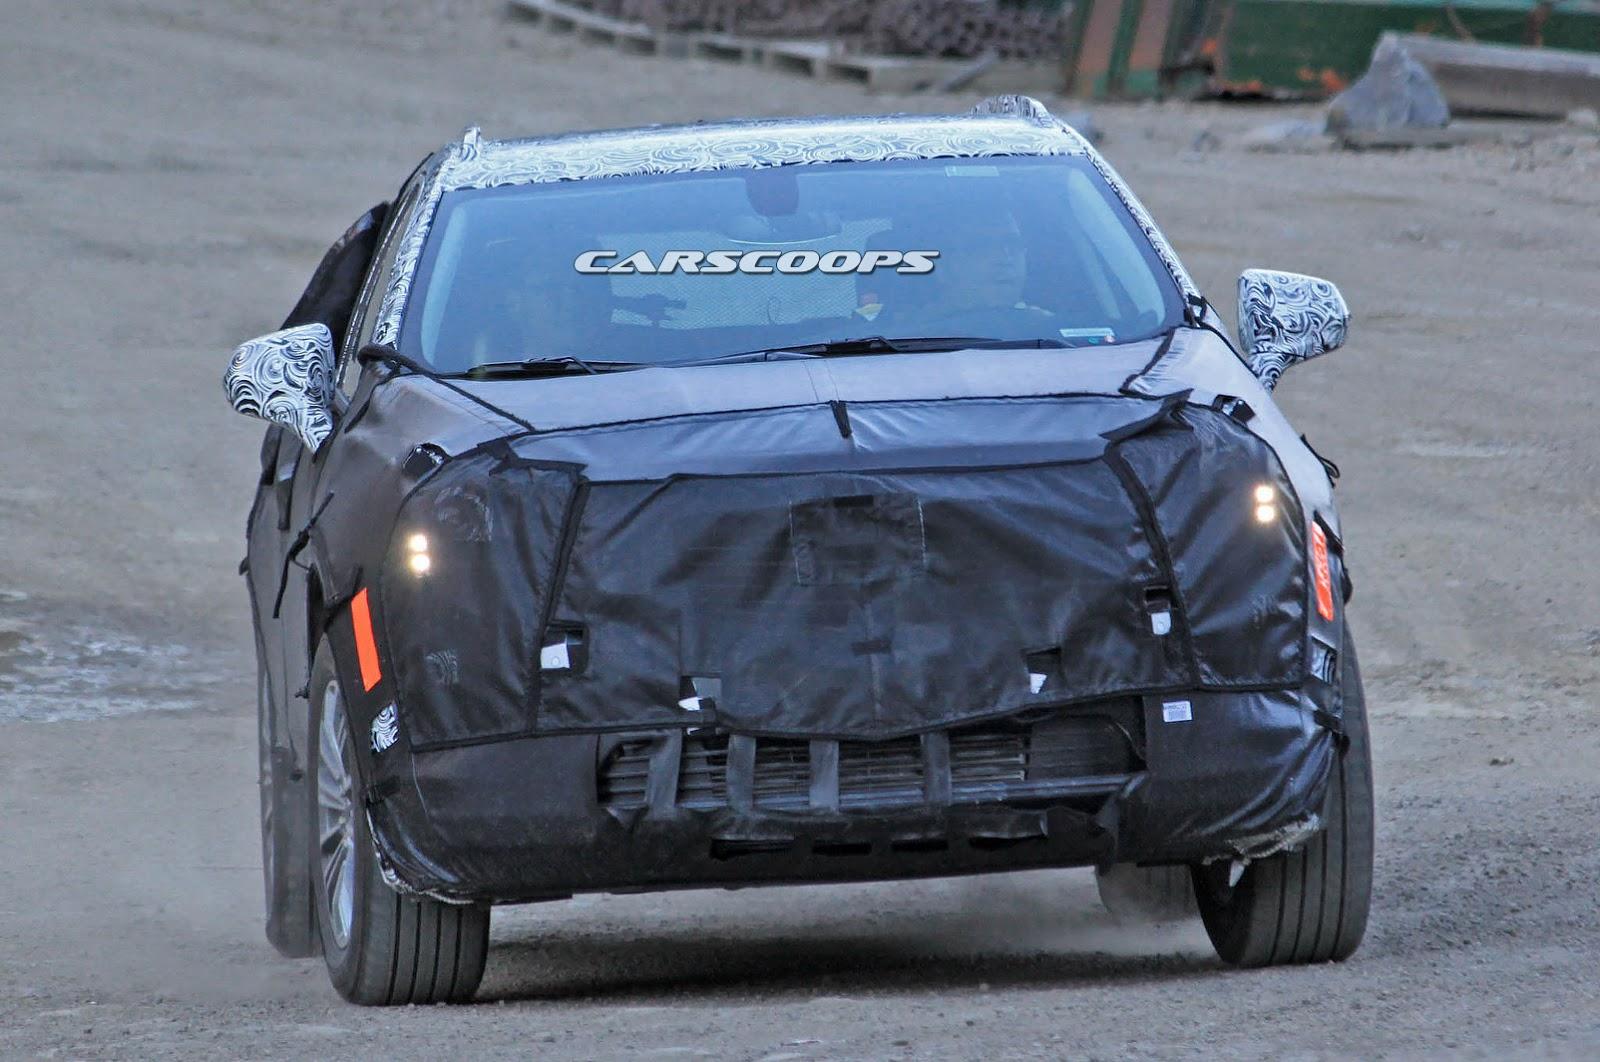 2018 Cadillac Ct7 >> Cadillac XT5 (opvolger SRX) - AutoWeek.nl